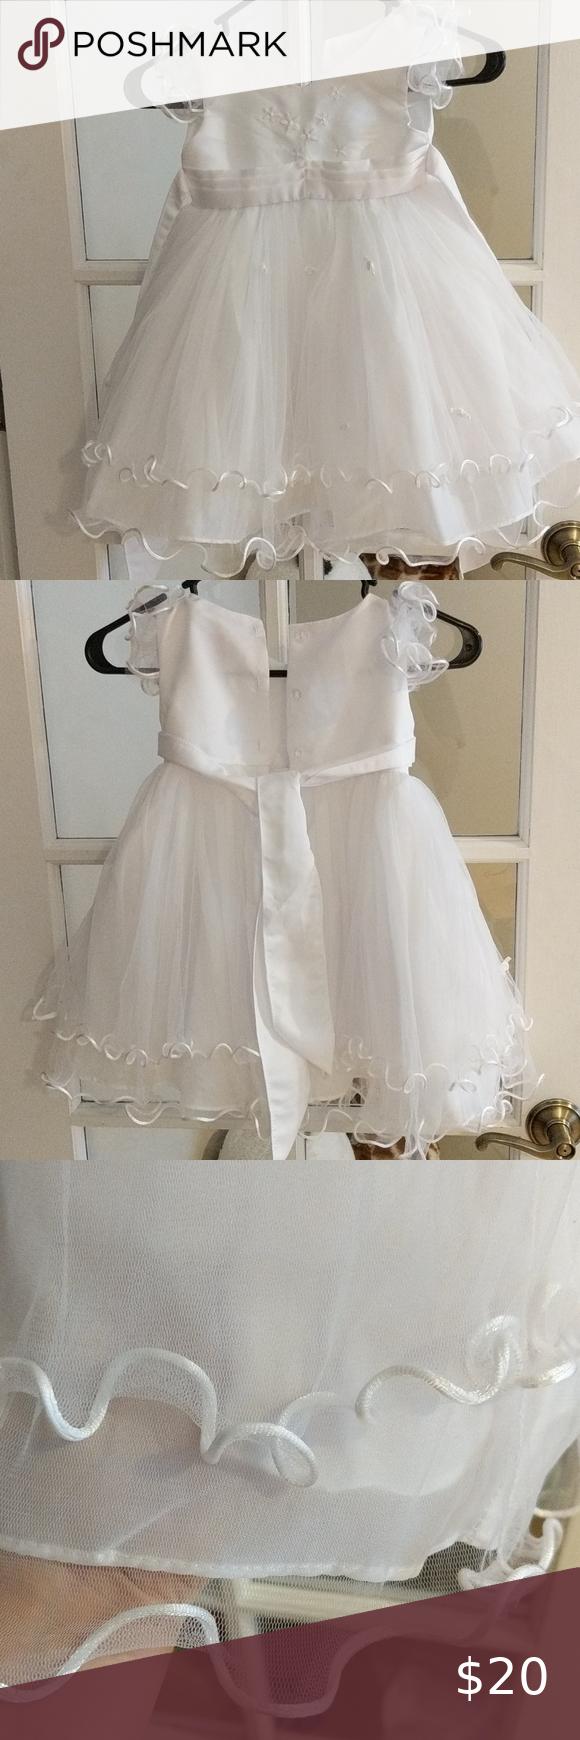 Wonser White Formal 3t Dress 3t Dress Dresses Flower Girl Dresses [ 1740 x 580 Pixel ]